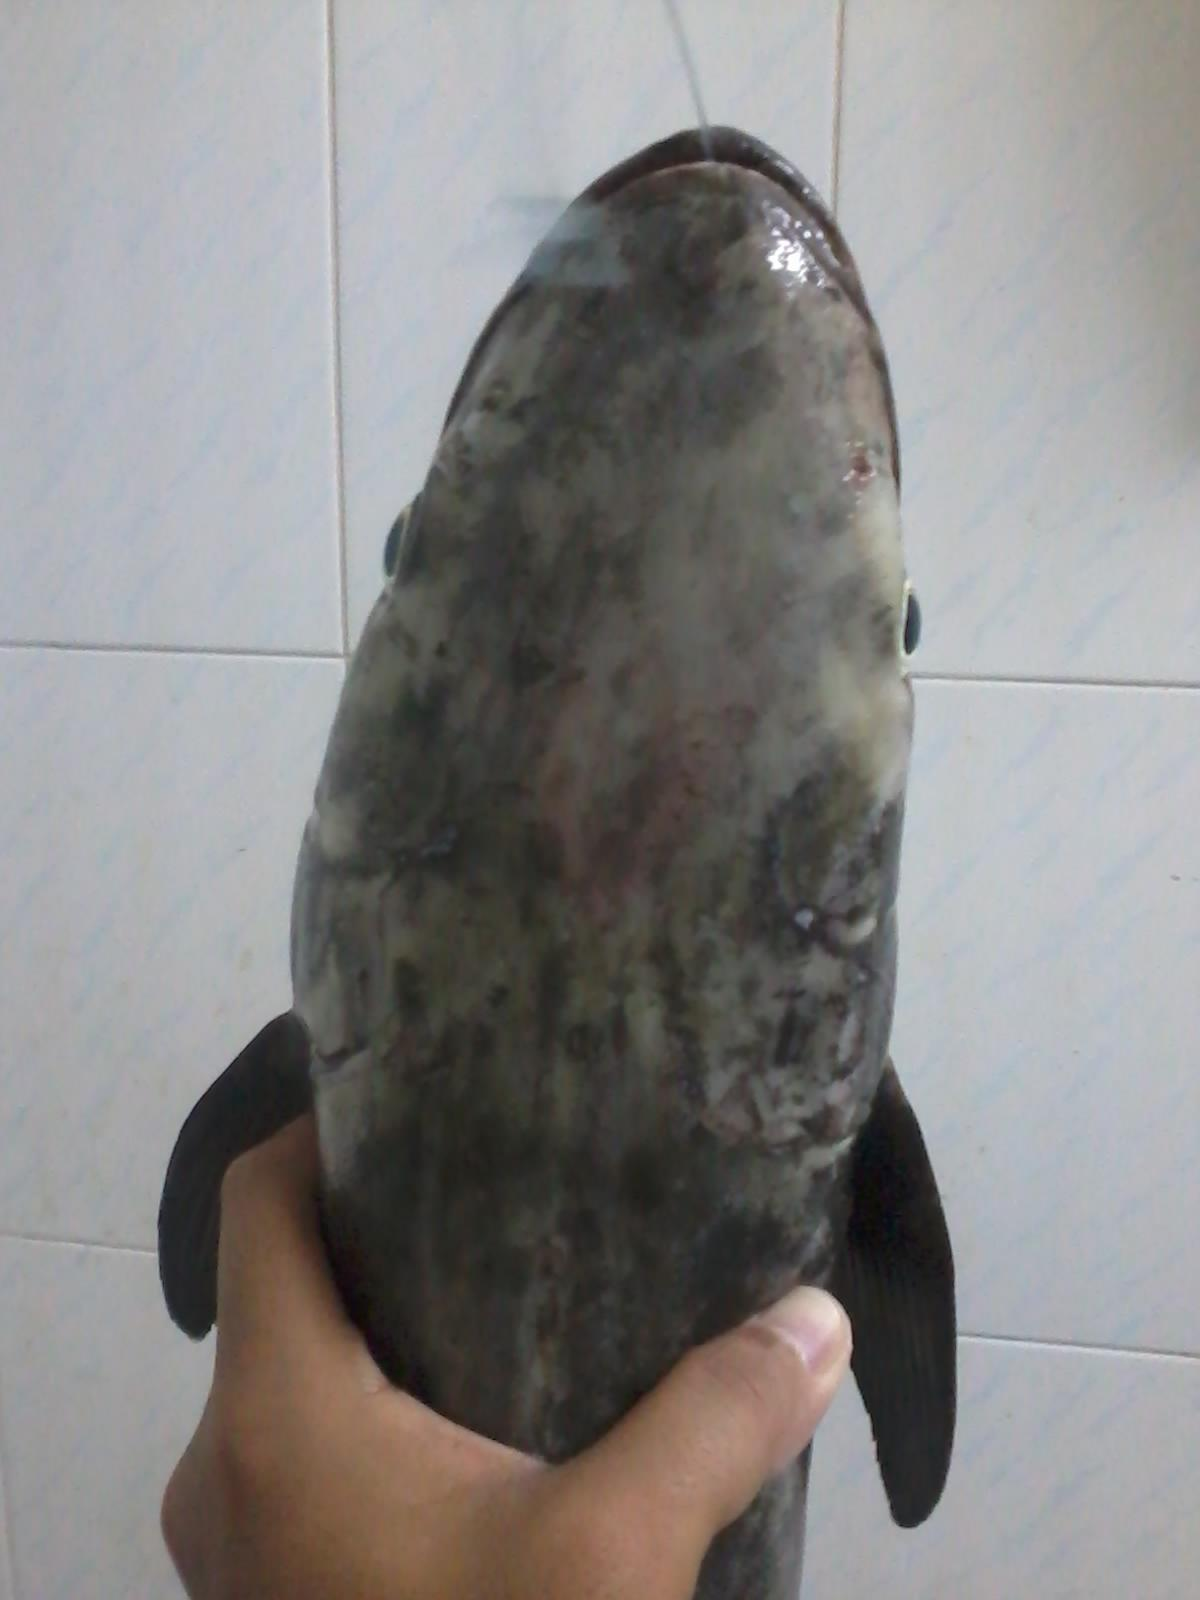 ما نوع هذه السمكة؟؟